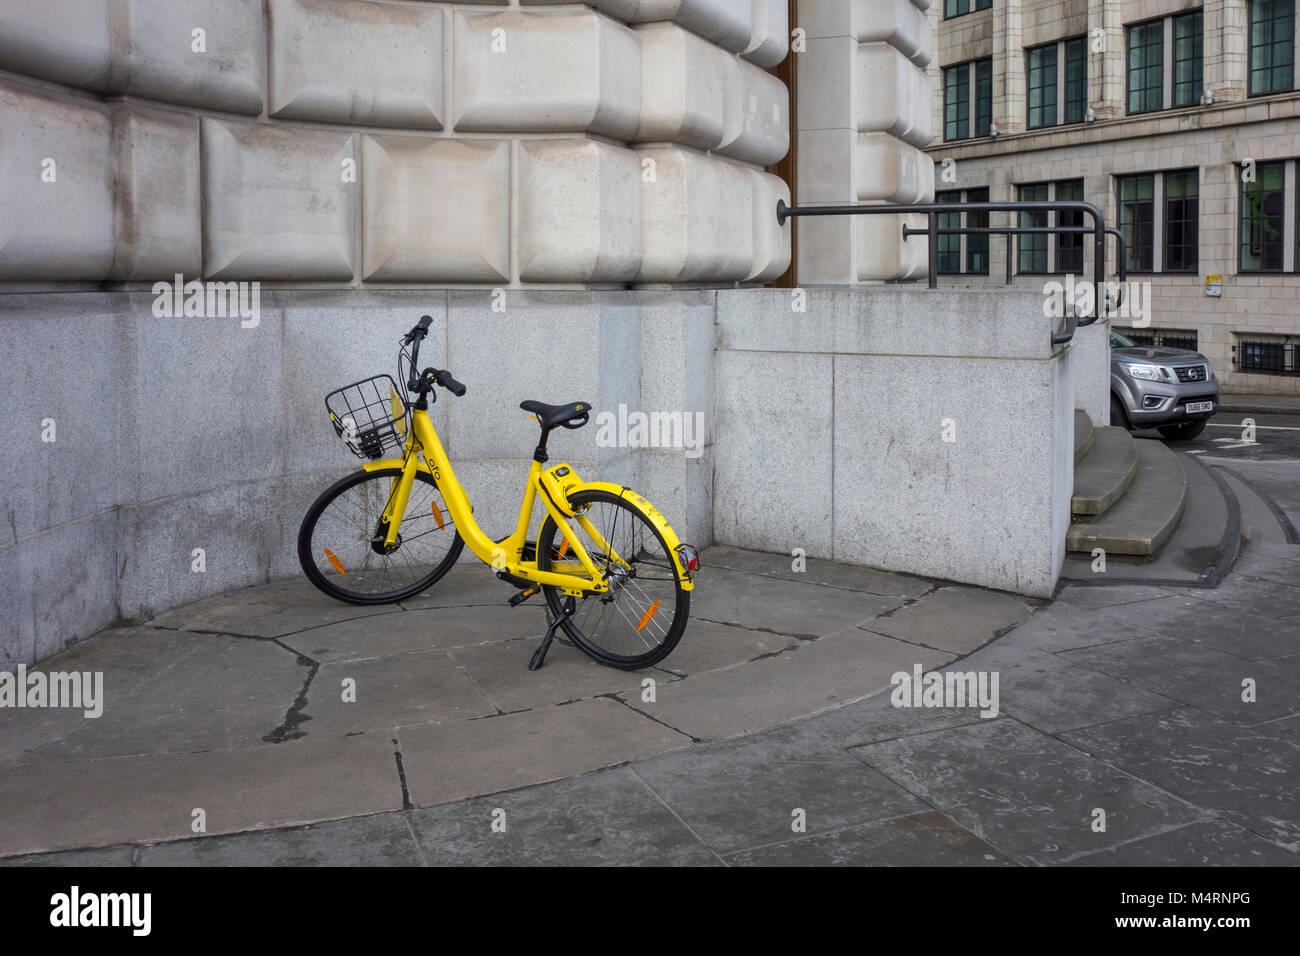 Amarillo Ofo alquilar moto estacionada fuera de una oficina en Londres, Reino Unido Imagen De Stock